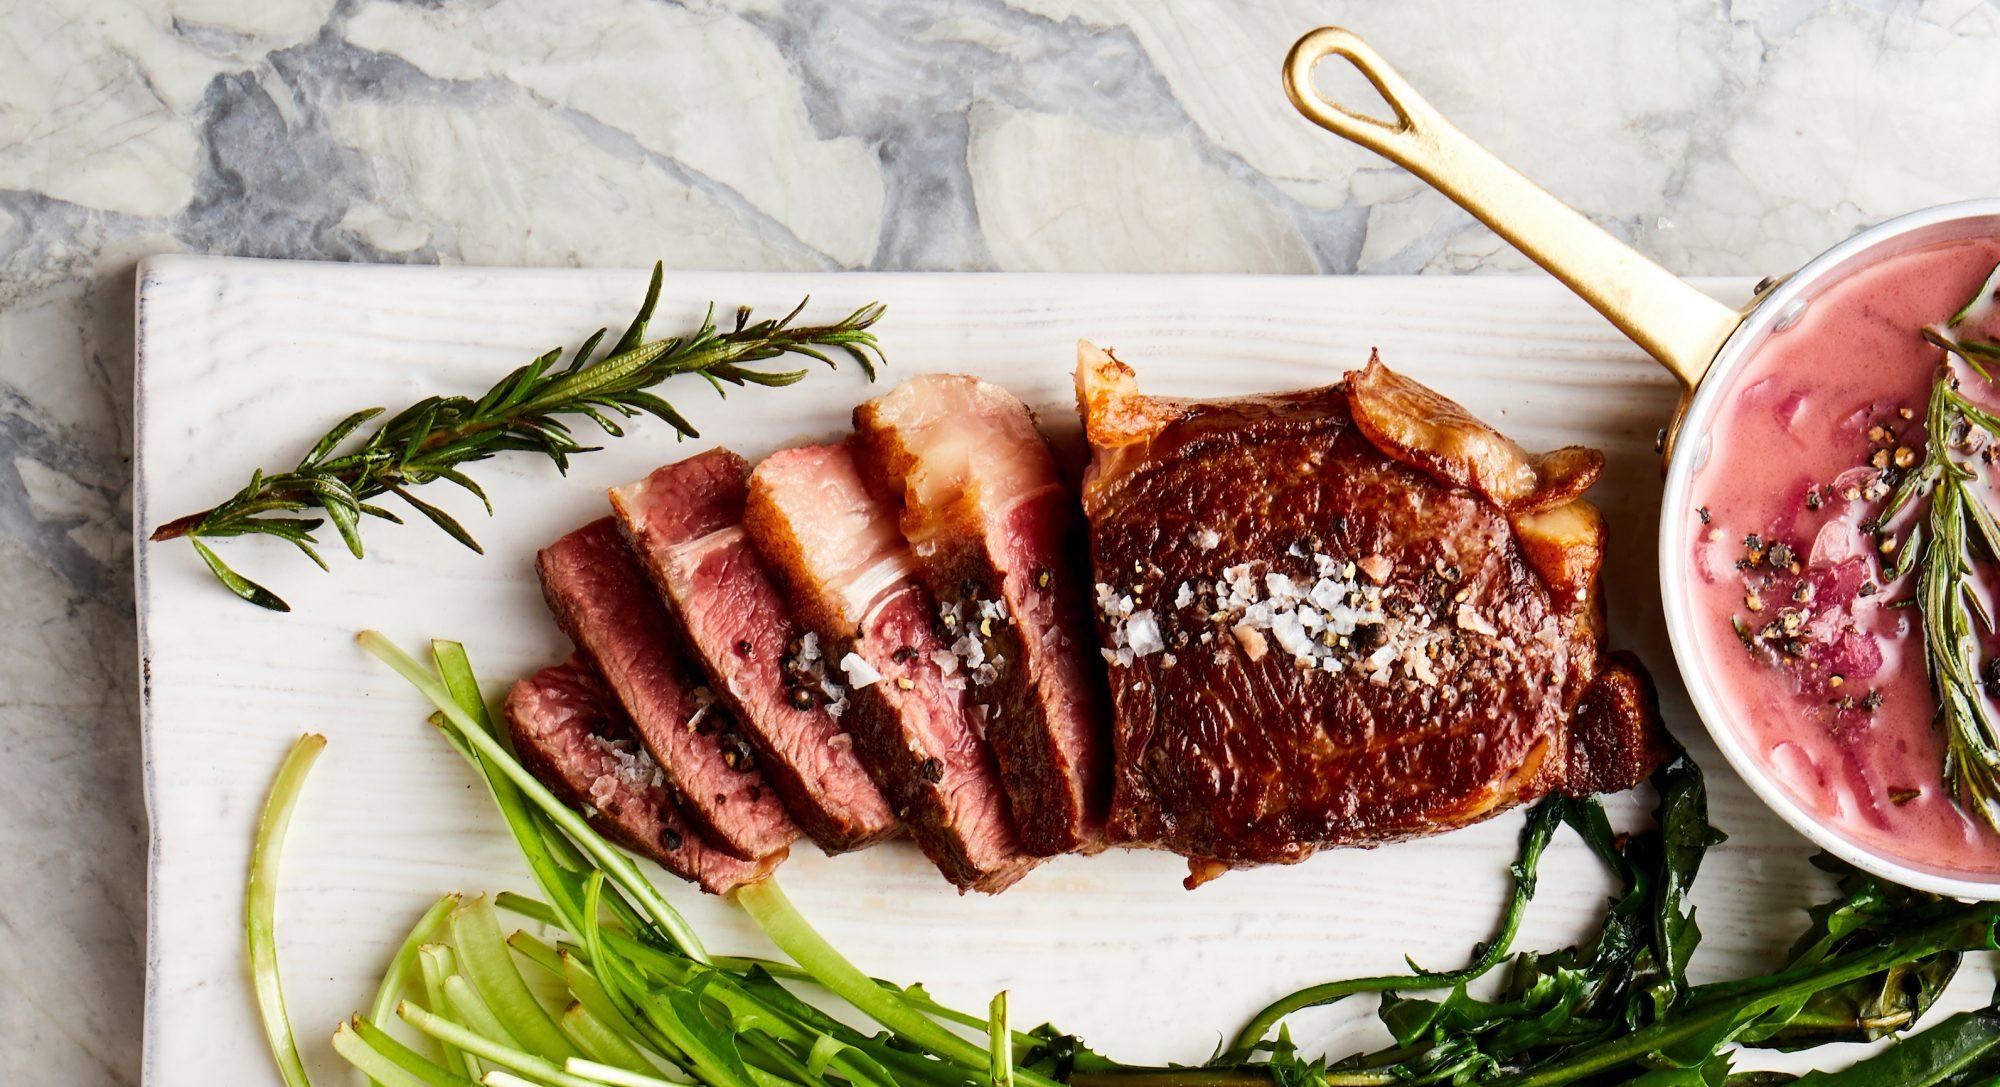 Best Way To Cook Beef Tenderloin  Best Ways to Cook Beef Tenderloin Steak Ground Beef